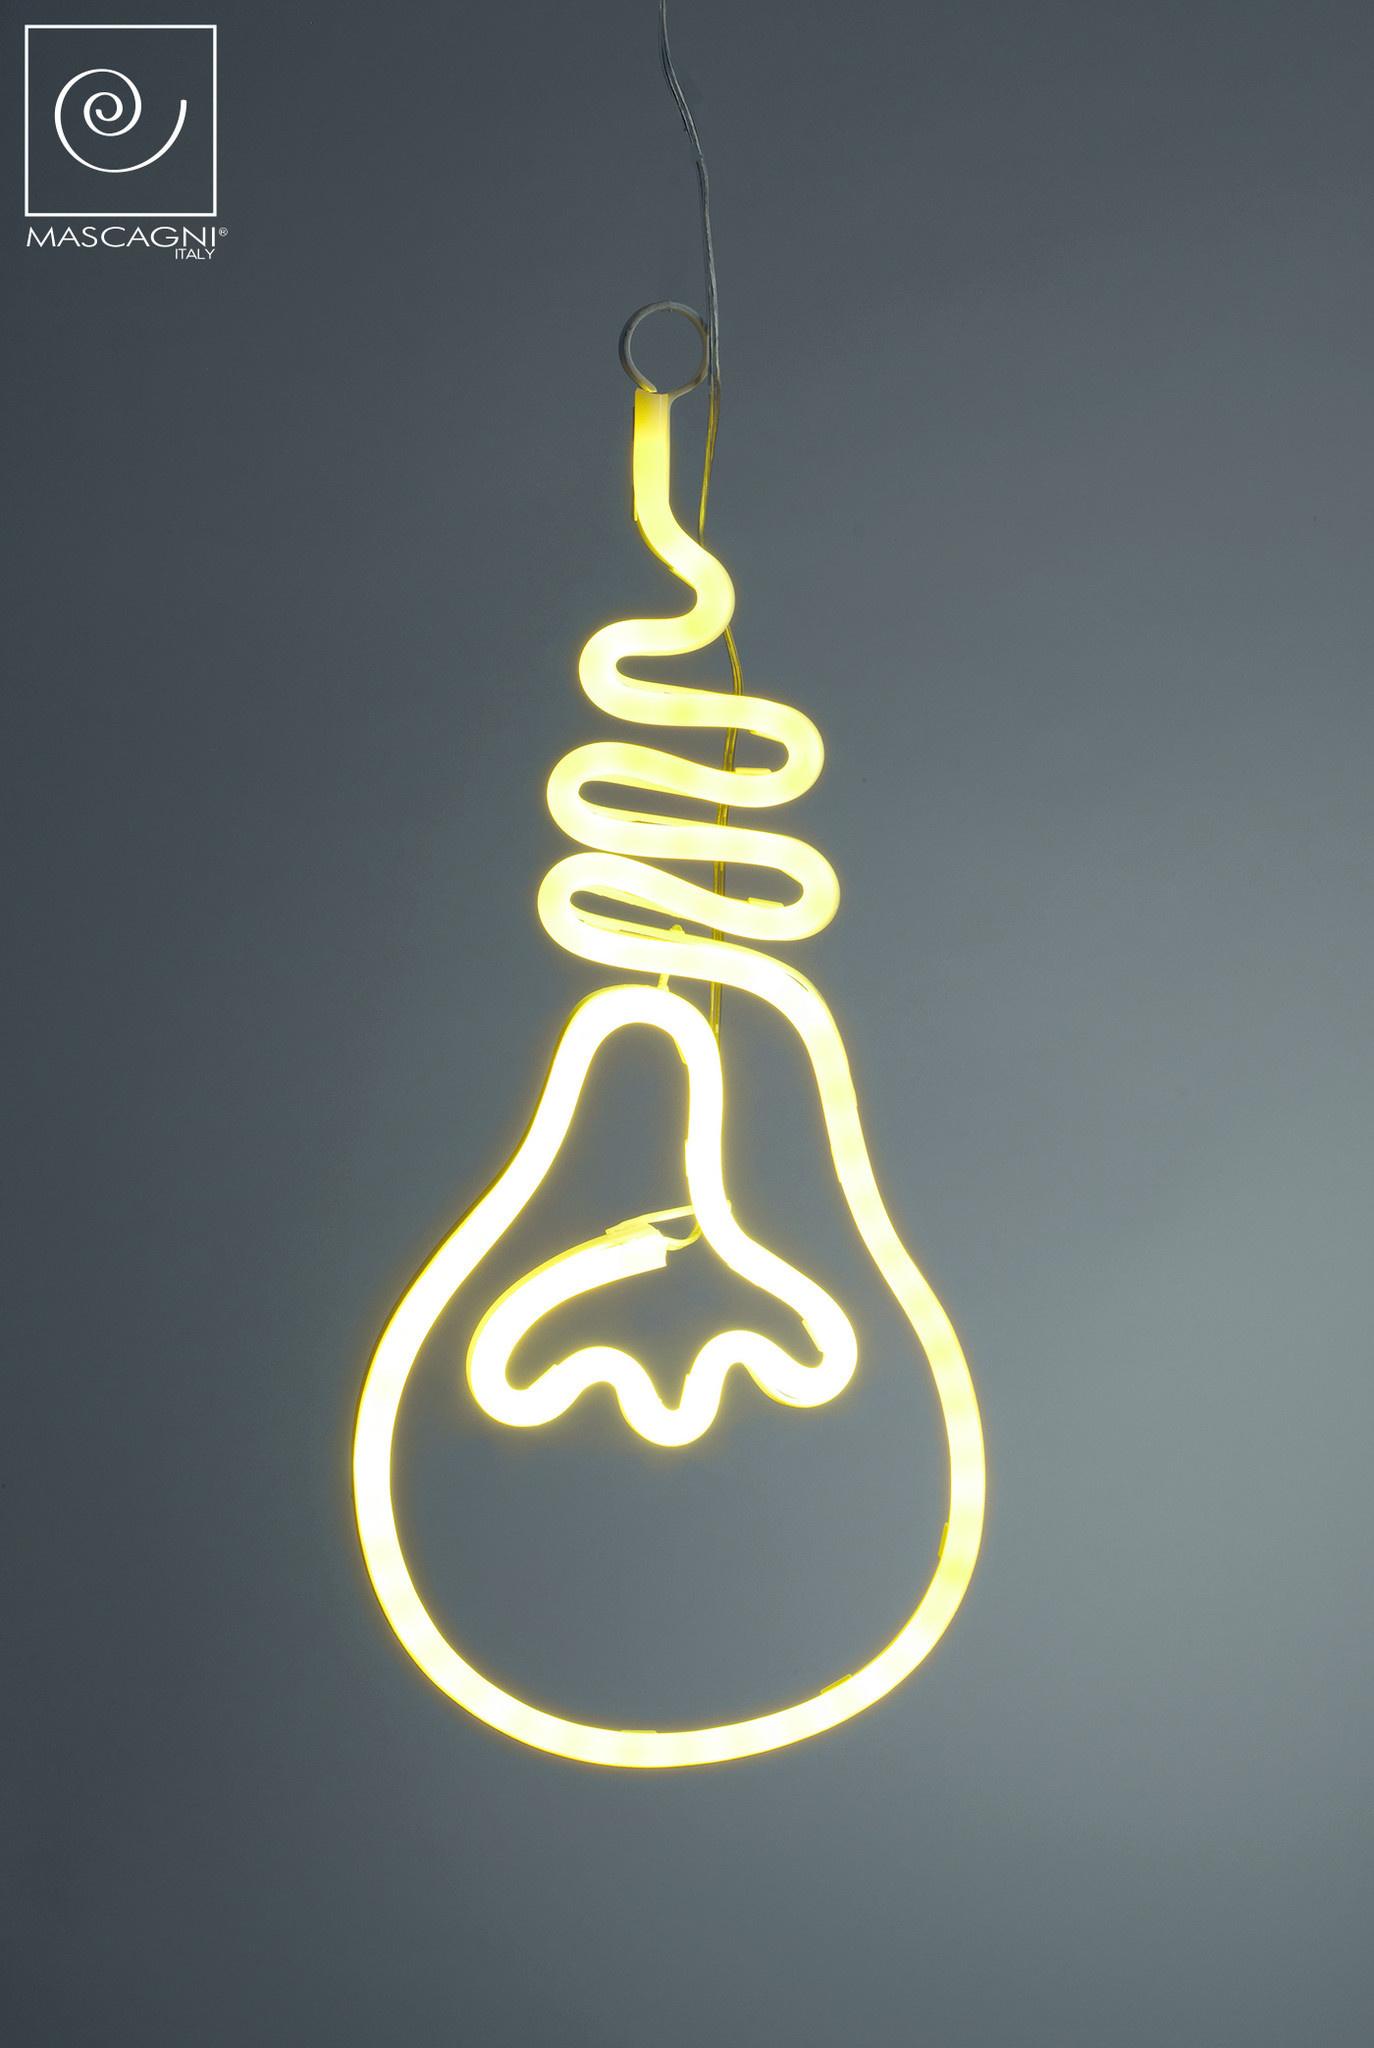 Art Mascagni IDEA WALL LED DECORATION